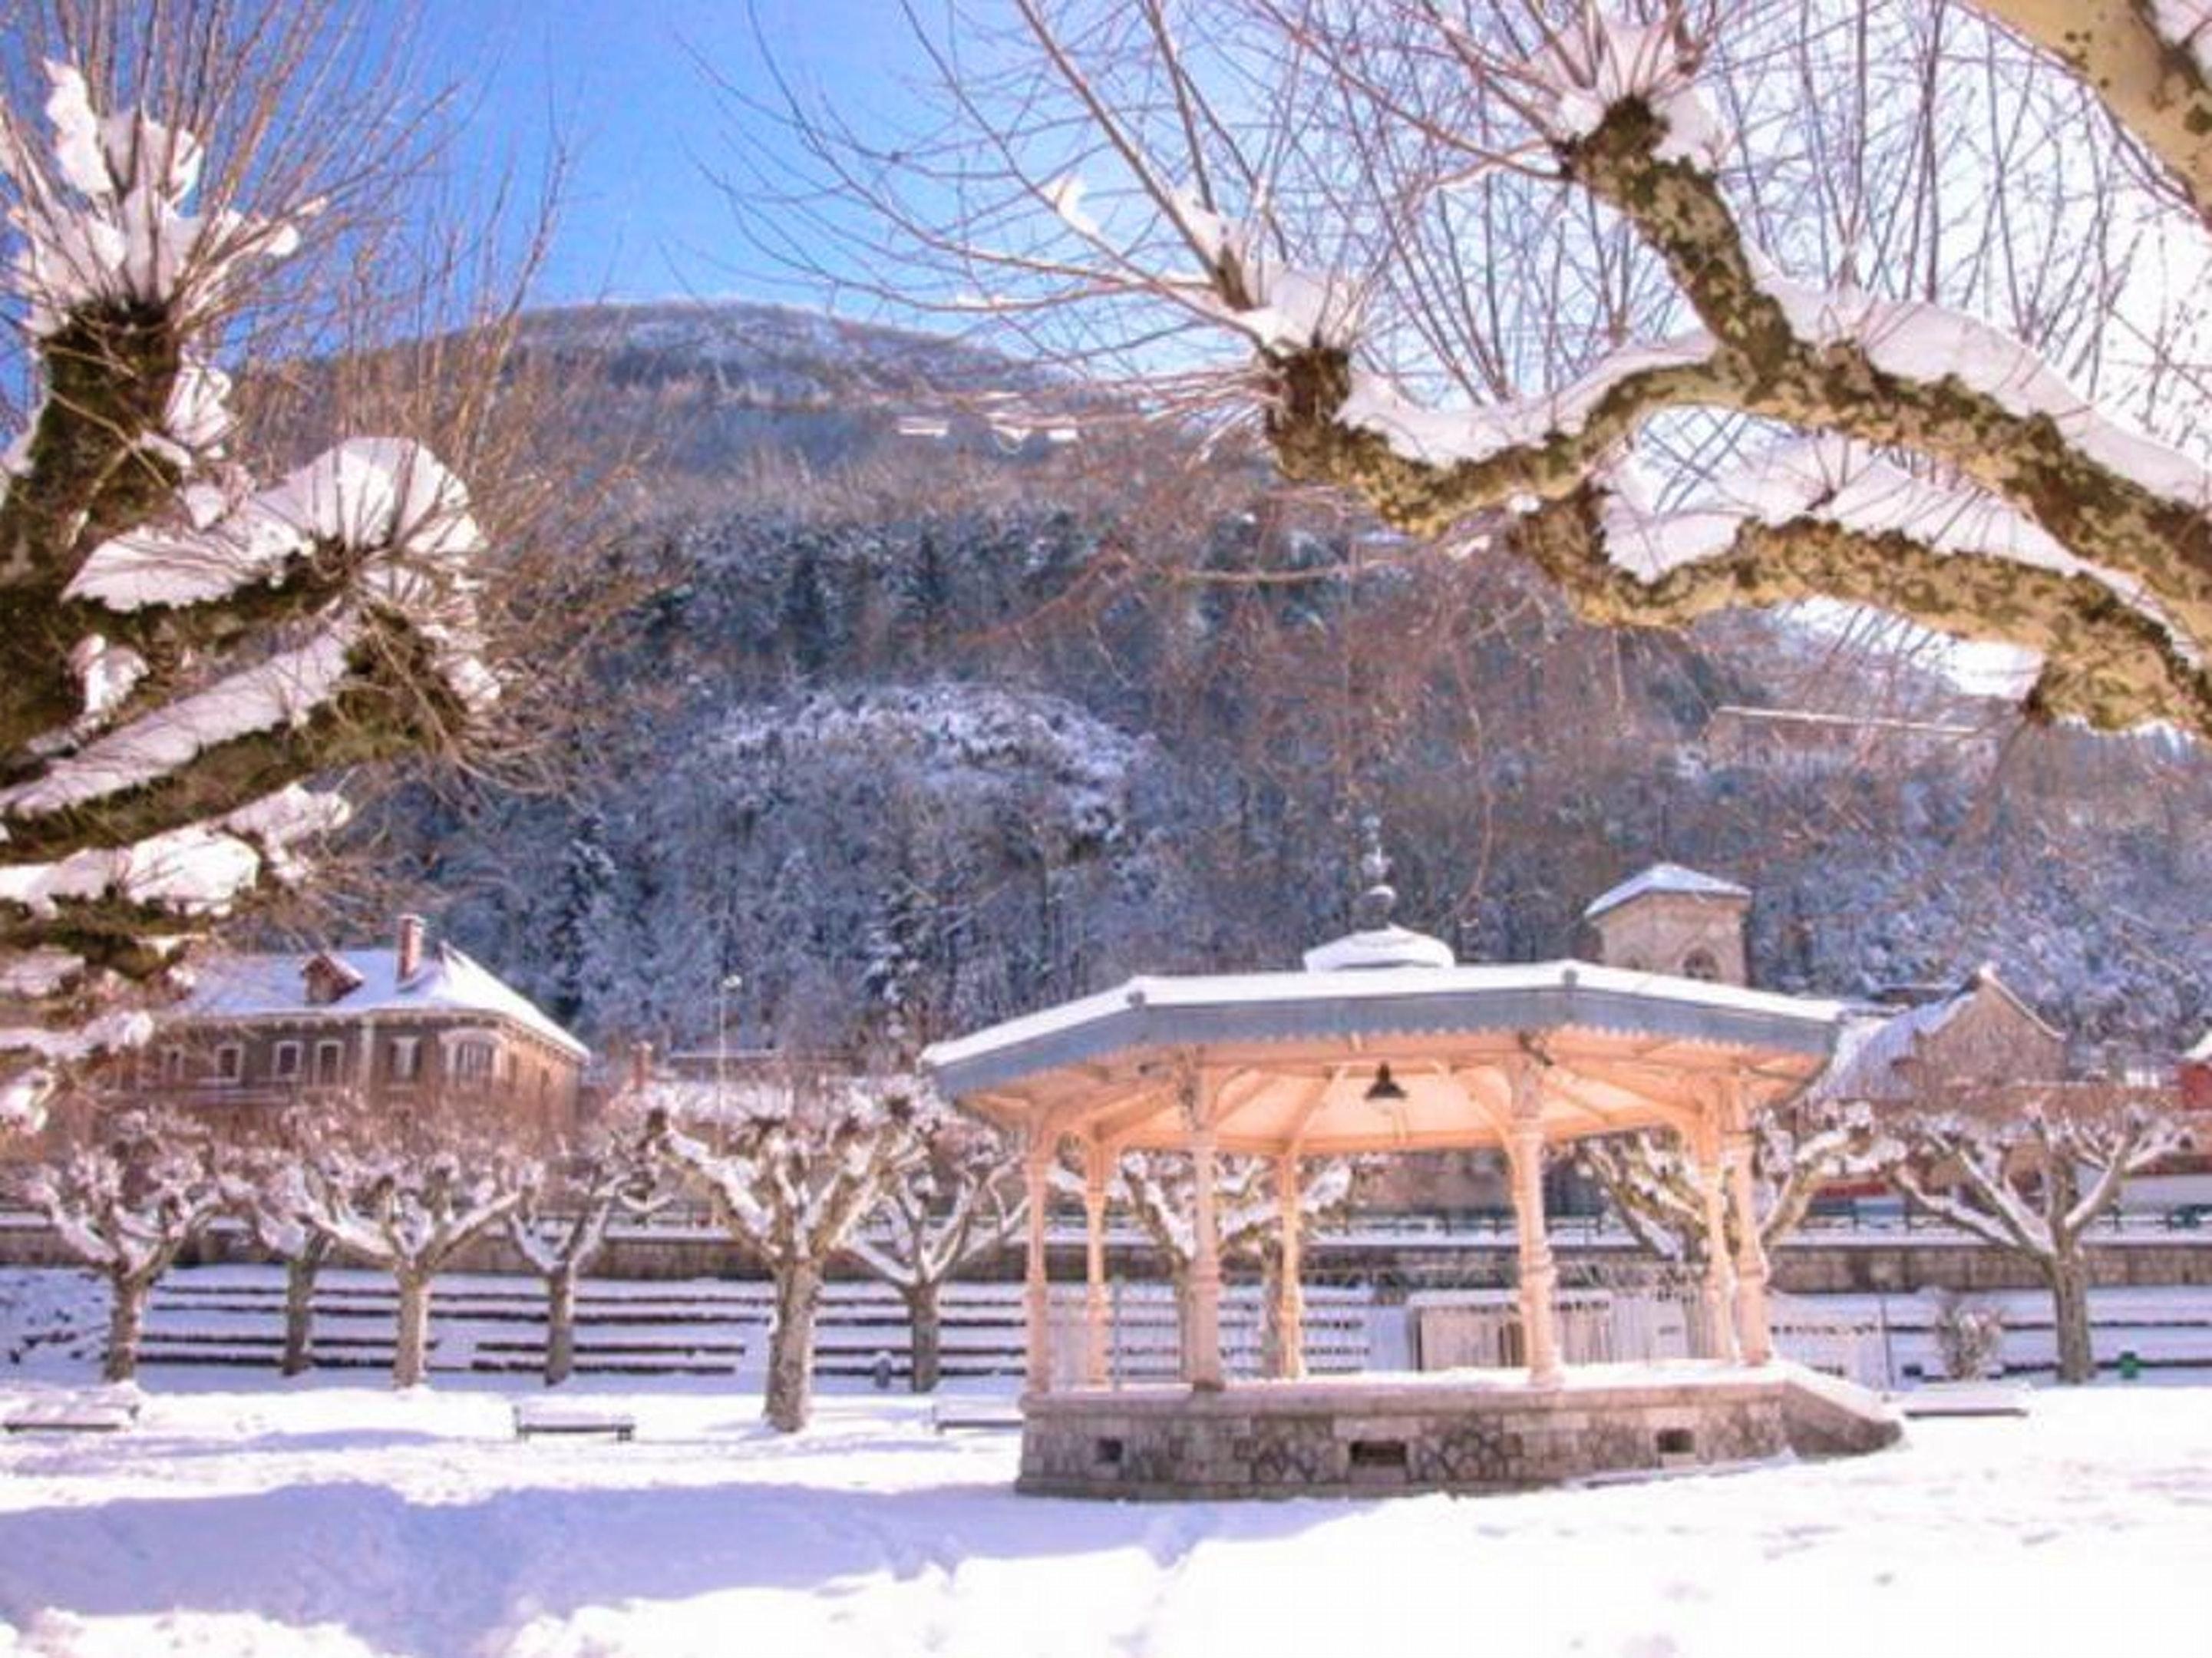 Maison de vacances Haus mit 2 Schlafzimmern in Villard-Saint-Sauveur mit toller Aussicht auf die Berge und ei (2704040), Villard sur Bienne, Jura, Franche-Comté, France, image 19